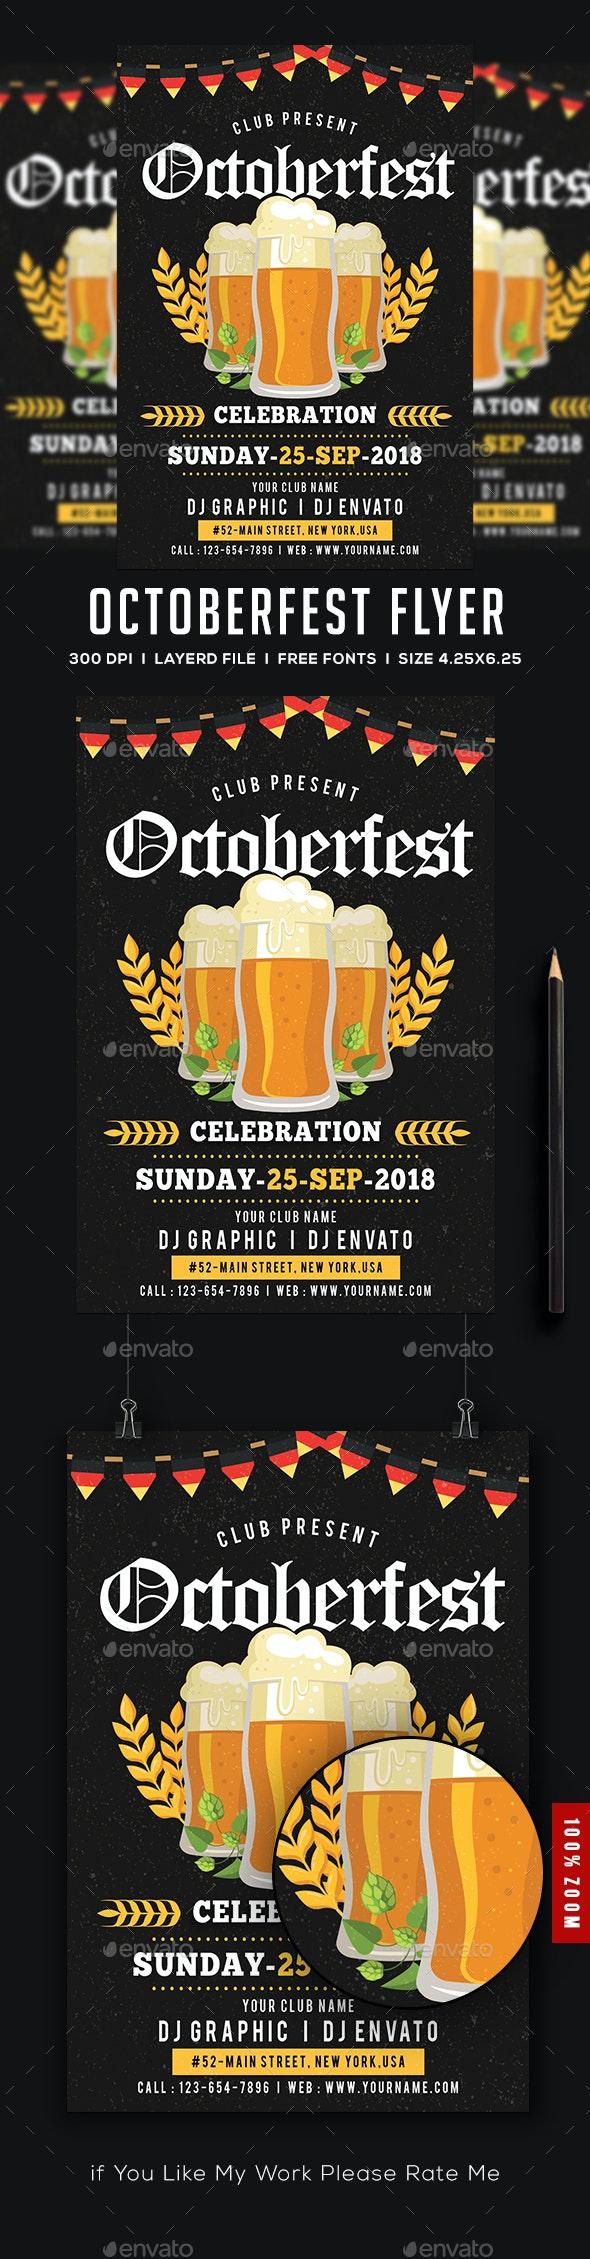 Oktoberfest Flyer / Poster - Flyers Print Templates